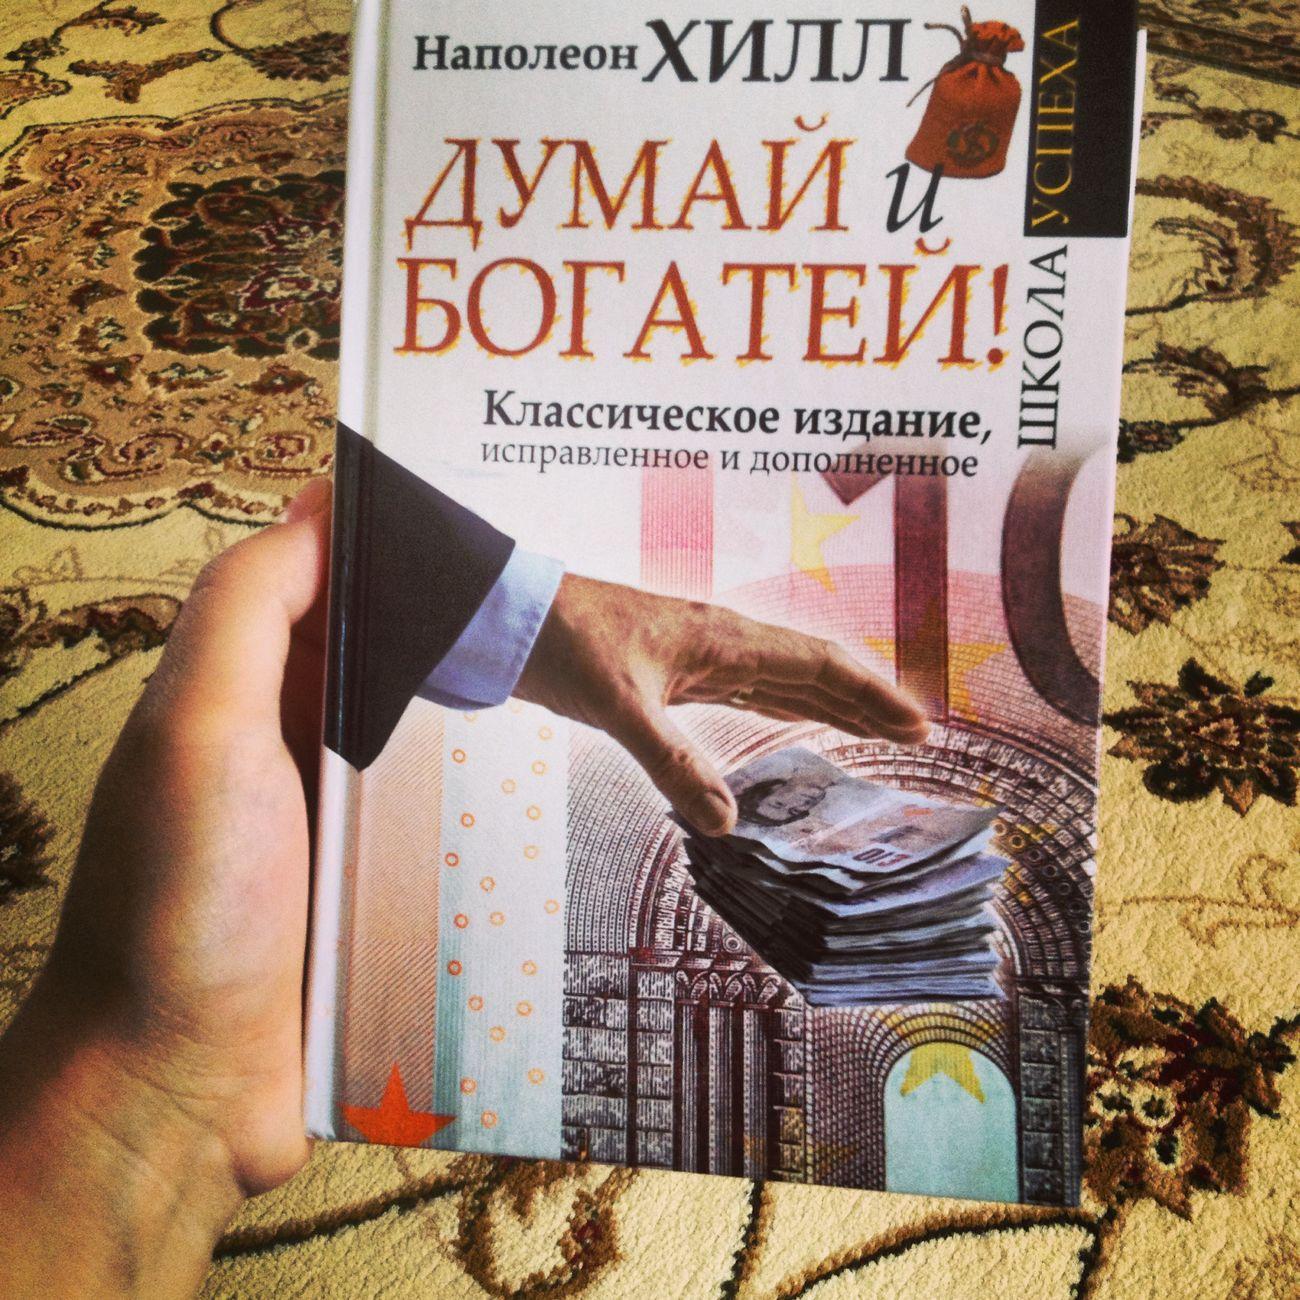 Очень полезная книга, которую должен прочесть каждый. Fhota